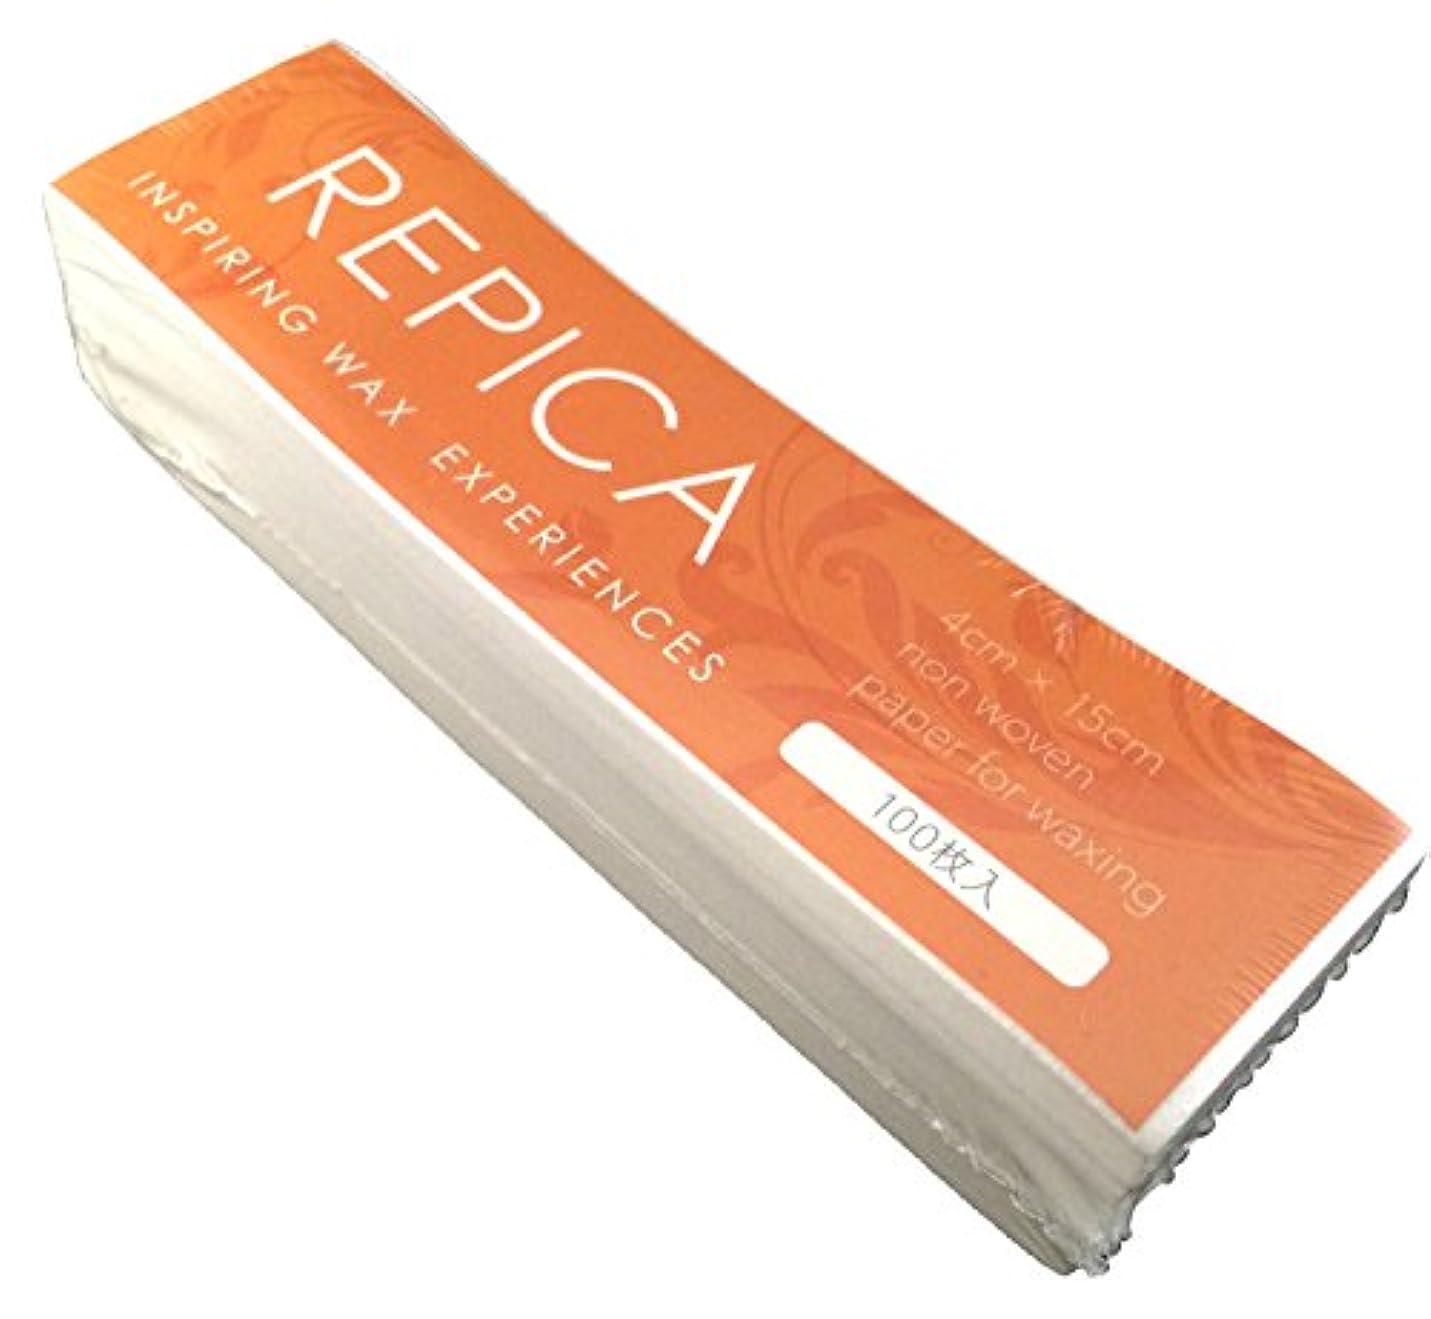 透けて見える万歳義務的REPICA ブラジリアンワックス脱毛 カットペーパー Sサイズ100枚入り×5個セット ワックス脱毛 ワックスシート ストリップシート